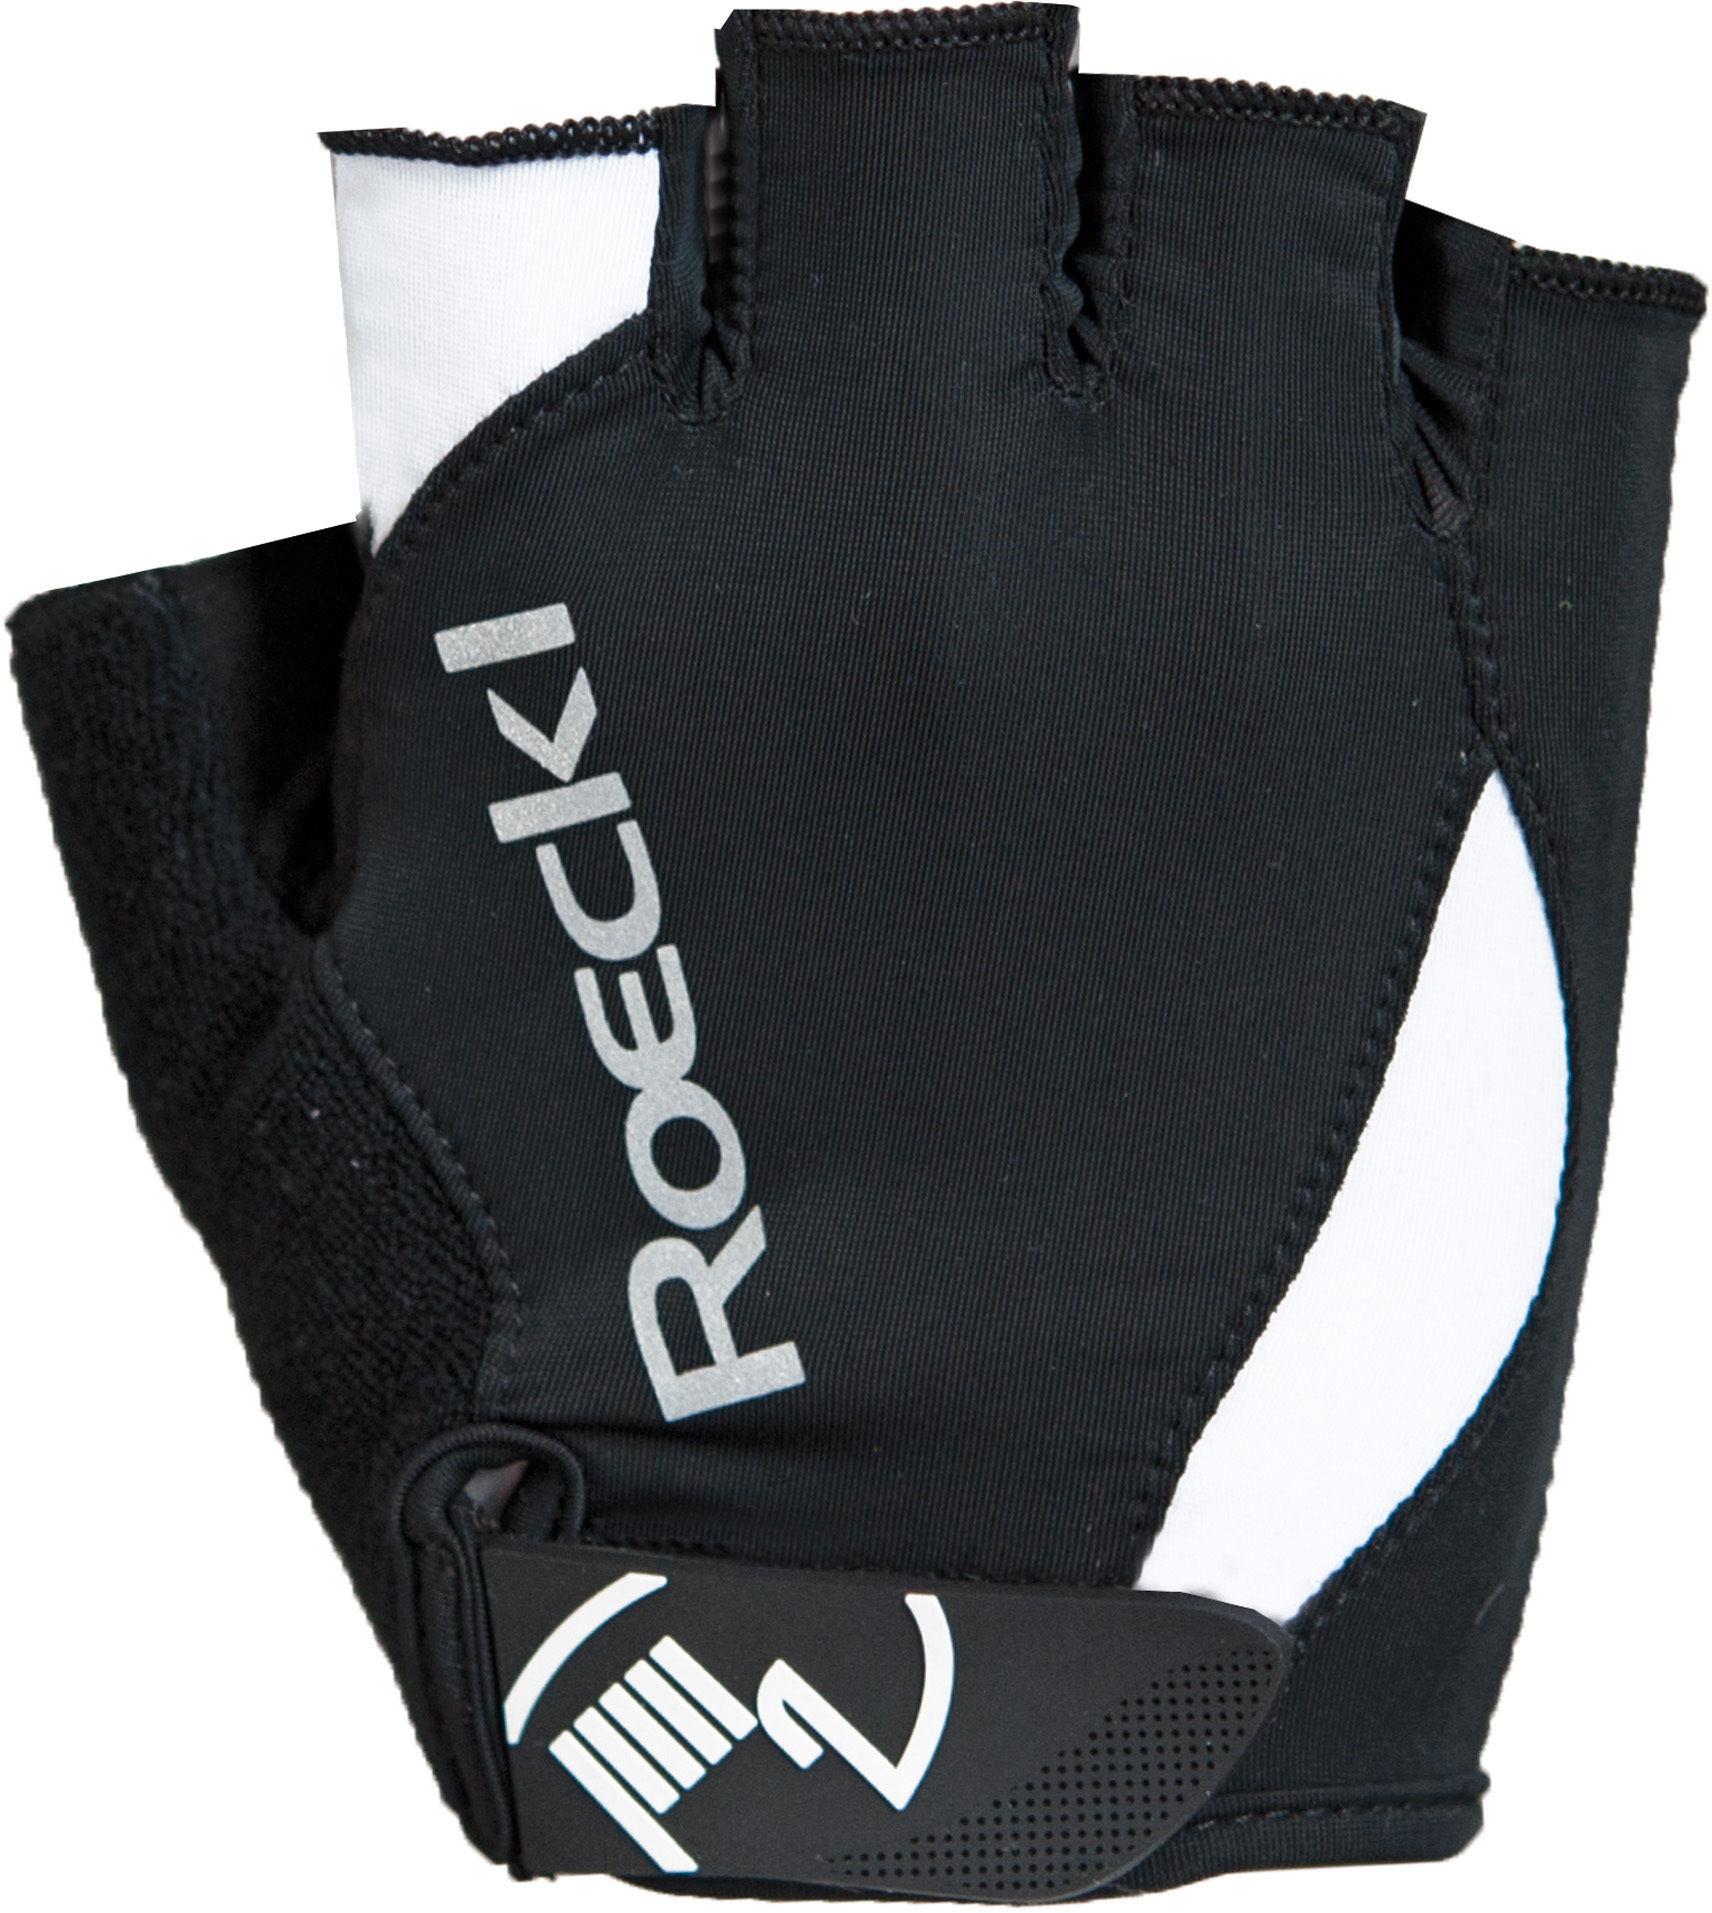 """Roeckl™ - Radhandschuh """"Baku"""" (Black-White, Größe 7/8/9) ab €4,78 [@Karstadt.de]"""